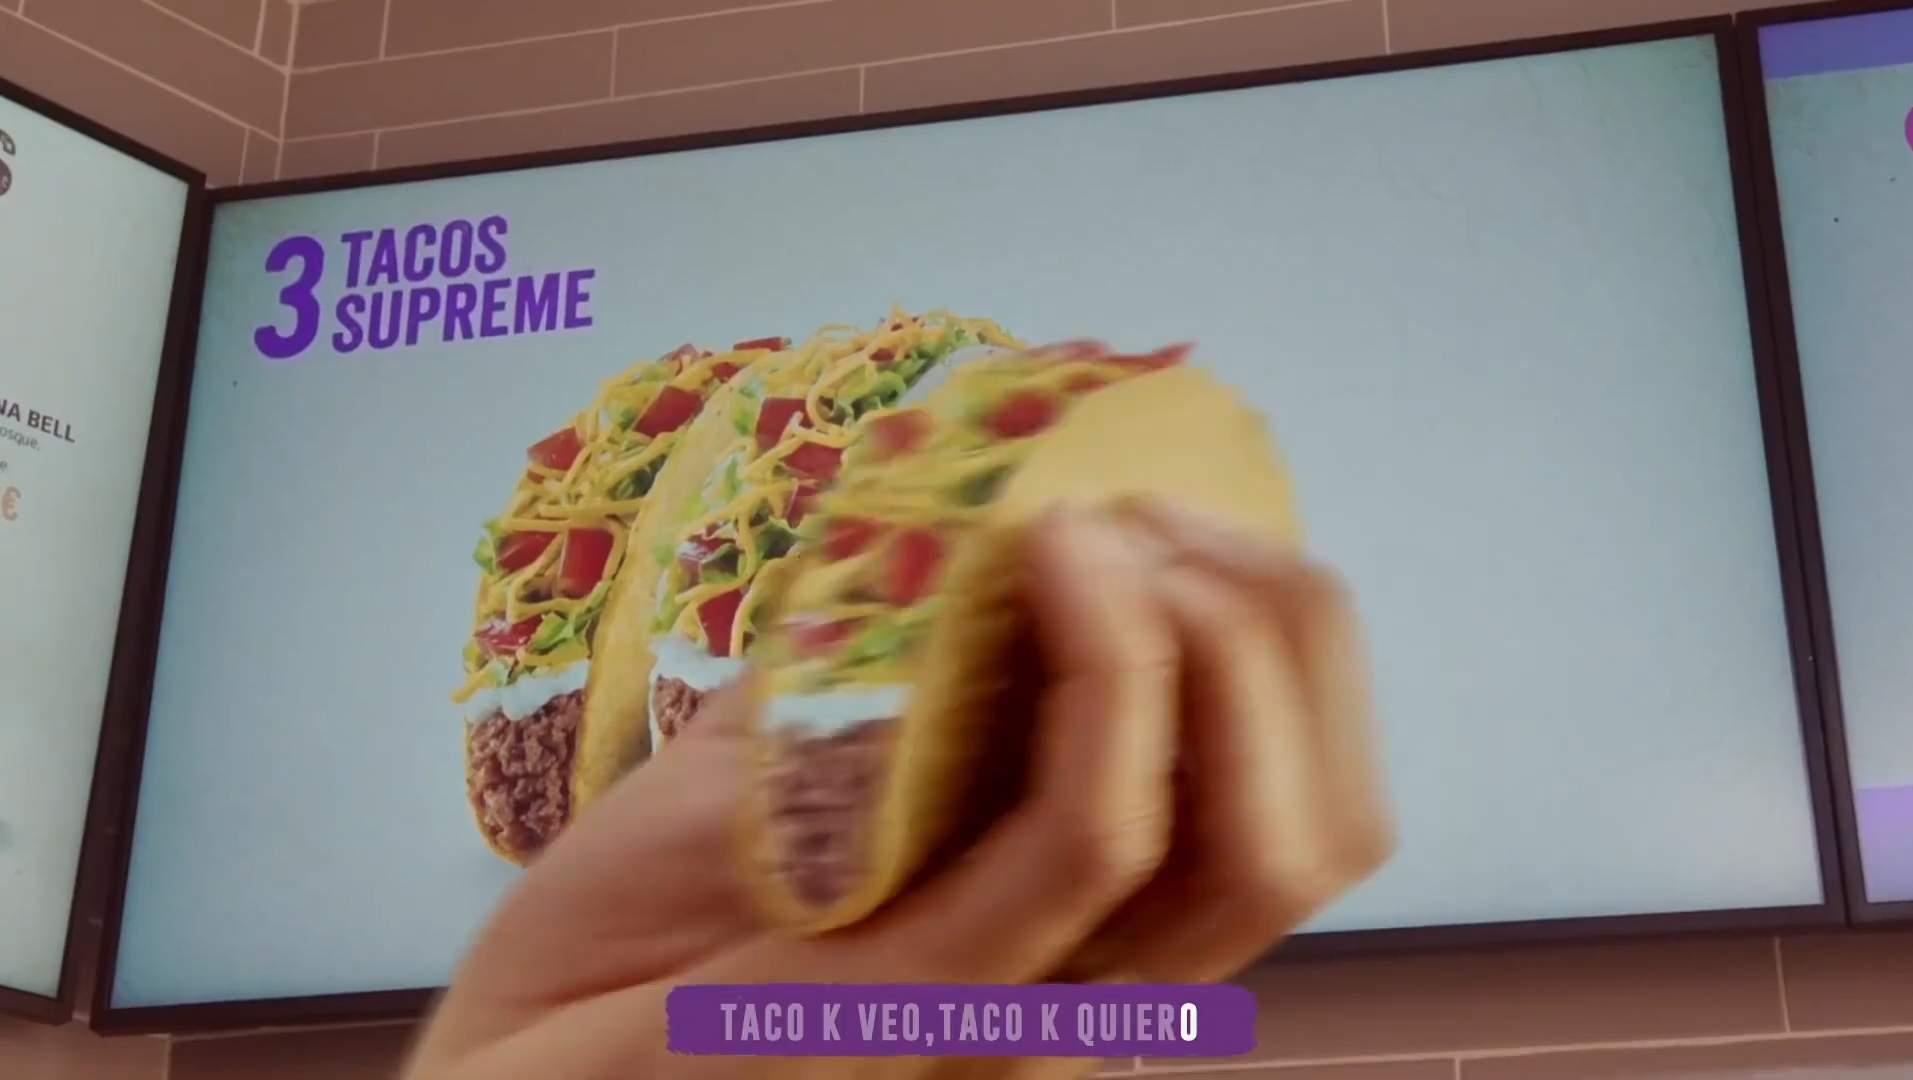 Estreno de Taco Bell en televisión con una campaña